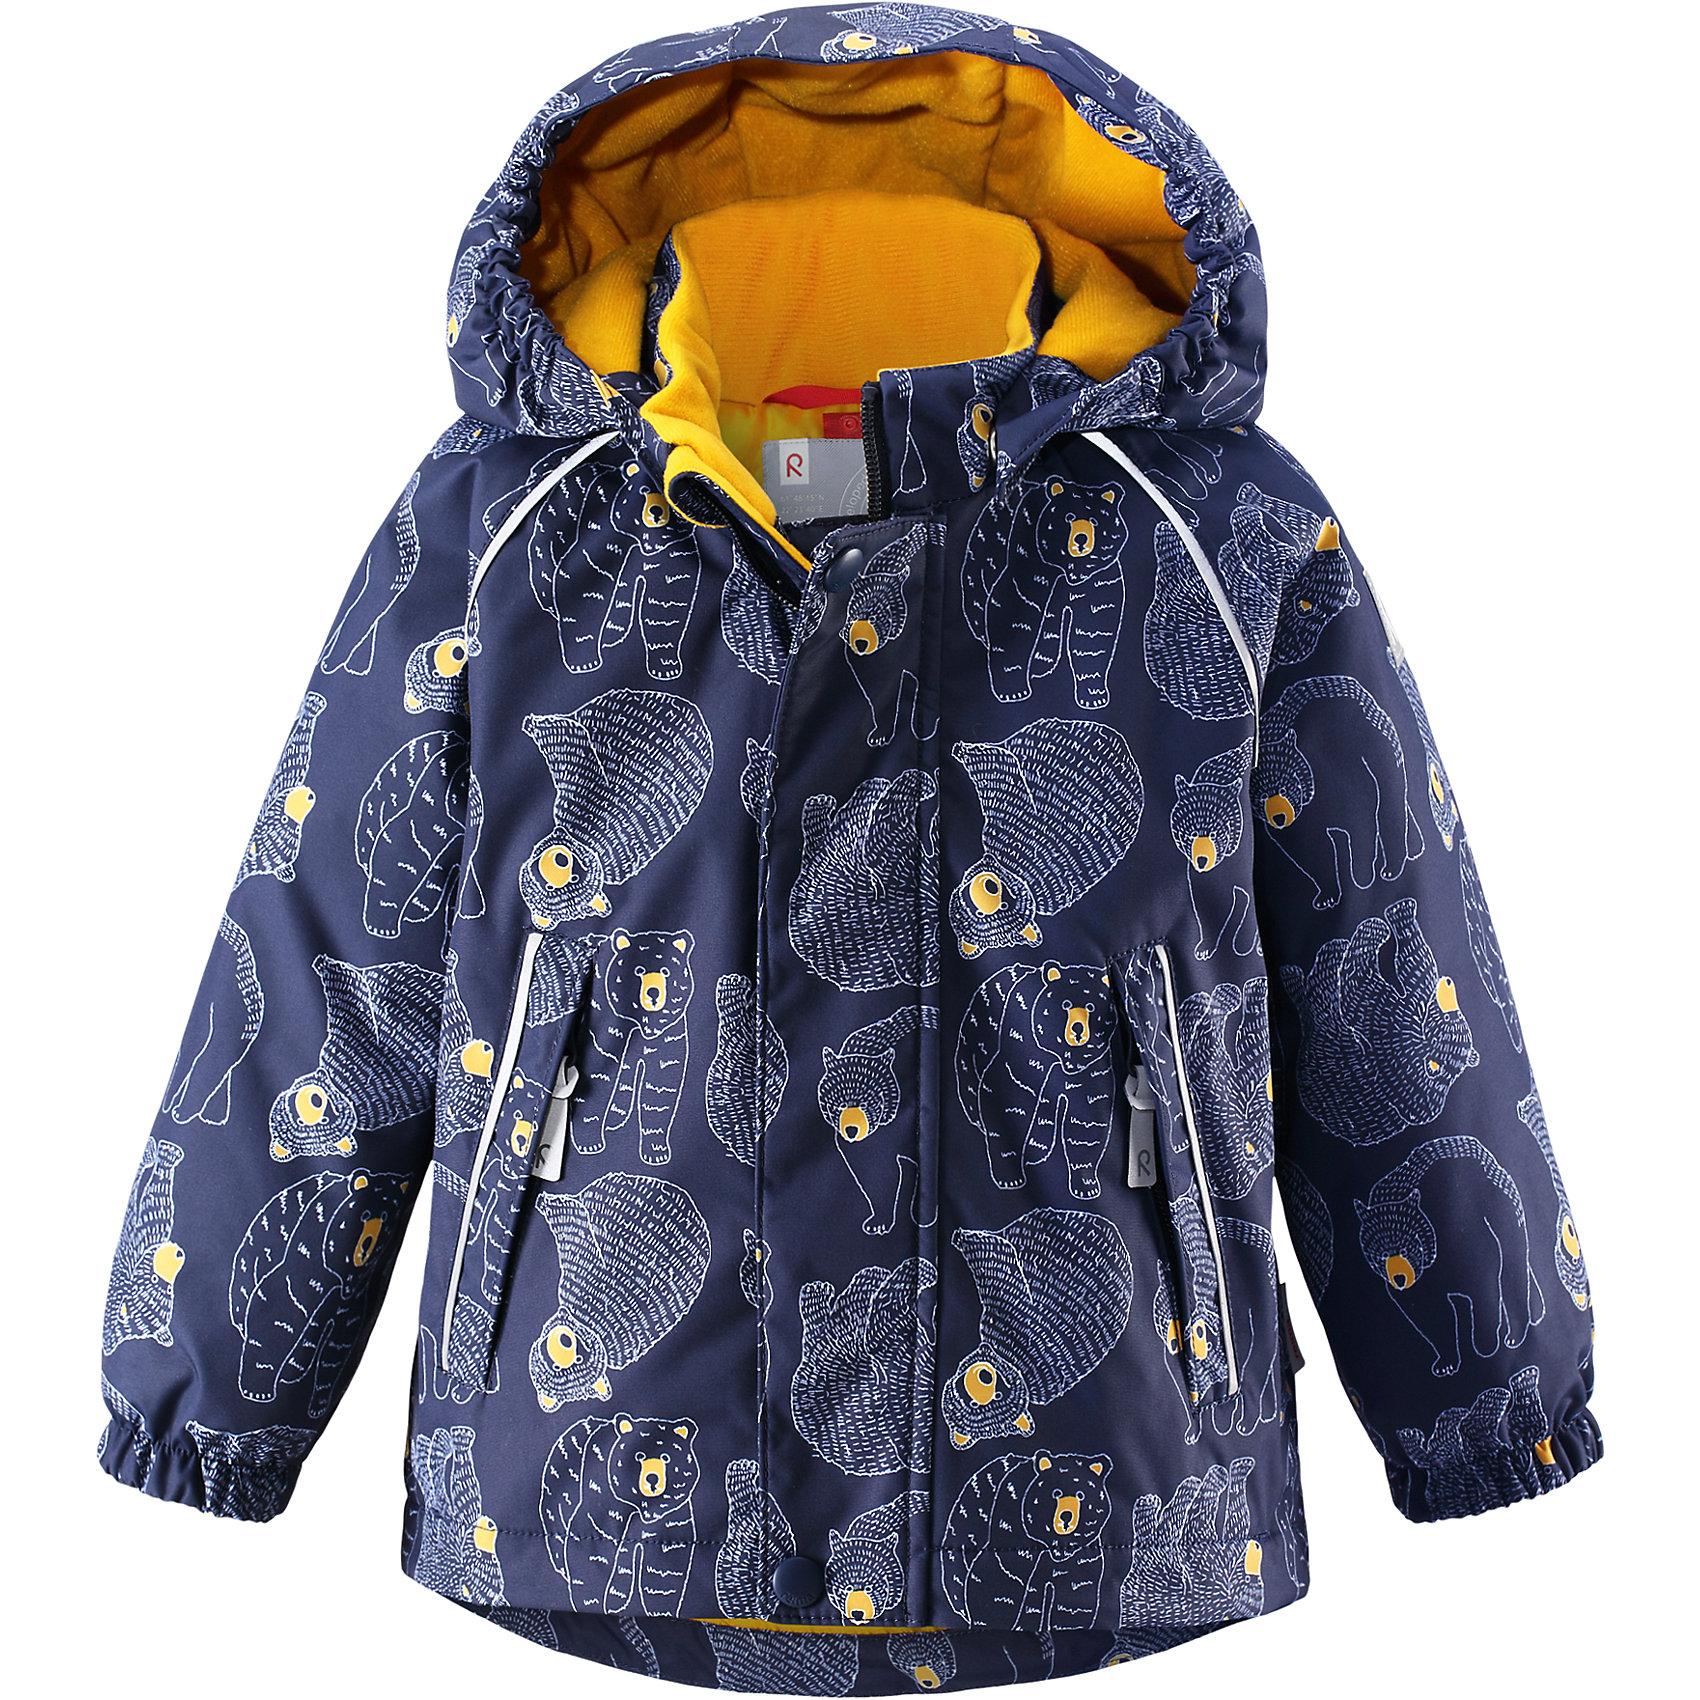 Куртка для мальчика Reimatec® ReimaКуртка  Reimatec® Reima<br>Зимняя куртка для малышей. Все швы проклеены и водонепроницаемы. Водо- и ветронепроницаемый, «дышащий» и грязеотталкивающий материал. Гладкая подкладка из полиэстра. Безопасный, отстегивающийся и регулируемый капюшон. Эластичные манжеты. Регулируемый подол. Два кармана на молнии. Принт по всей поверхности. Безопасные светоотражающие детали.<br>Утеплитель: Reima® Soft Loft insulation,160 g<br>Уход:<br>Стирать по отдельности, вывернув наизнанку. Застегнуть молнии и липучки. Стирать моющим средством, не содержащим отбеливающие вещества. Полоскать без специального средства. Во избежание изменения цвета изделие необходимо вынуть из стиральной машинки незамедлительно после окончания программы стирки. Можно сушить в сушильном шкафу или центрифуге (макс. 40° C).<br>Состав:<br>100% Полиамид, полиуретановое покрытие<br><br>Ширина мм: 467<br>Глубина мм: 375<br>Высота мм: 93<br>Вес г: 510<br>Цвет: синий<br>Возраст от месяцев: 18<br>Возраст до месяцев: 36<br>Пол: Мужской<br>Возраст: Детский<br>Размер: 92,80,86,98<br>SKU: 4776026